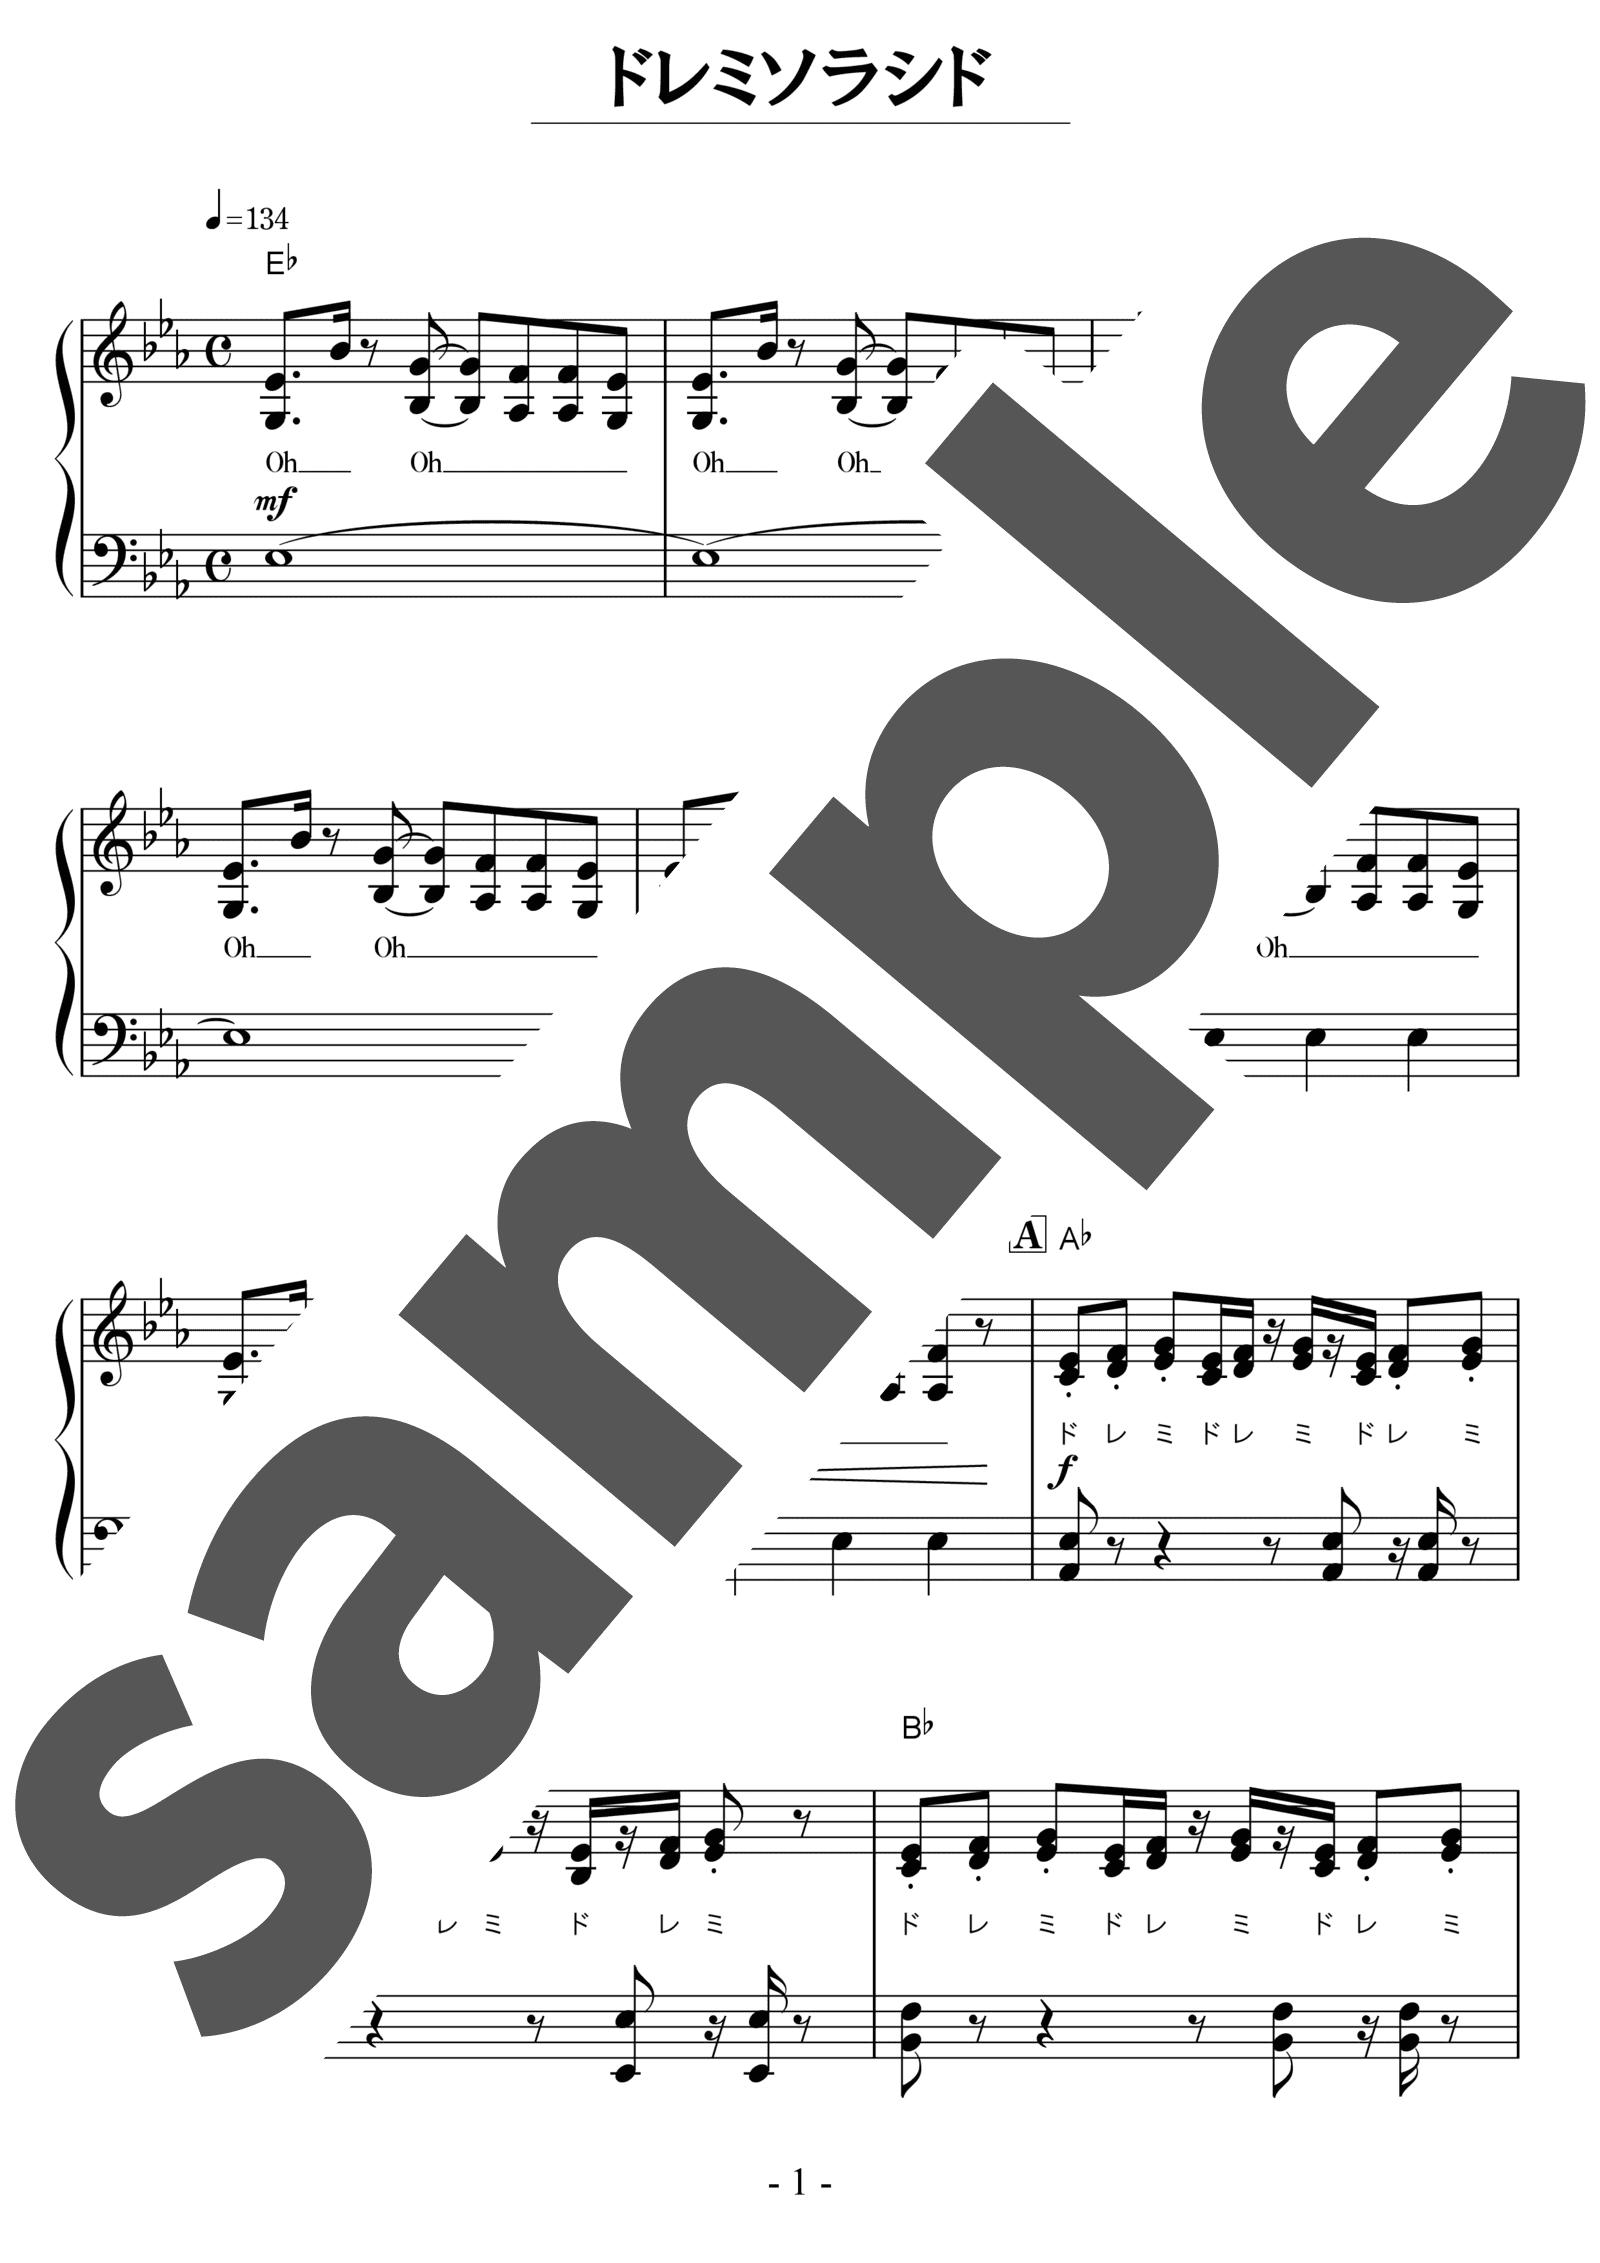 「ドレミソラシド」のサンプル楽譜